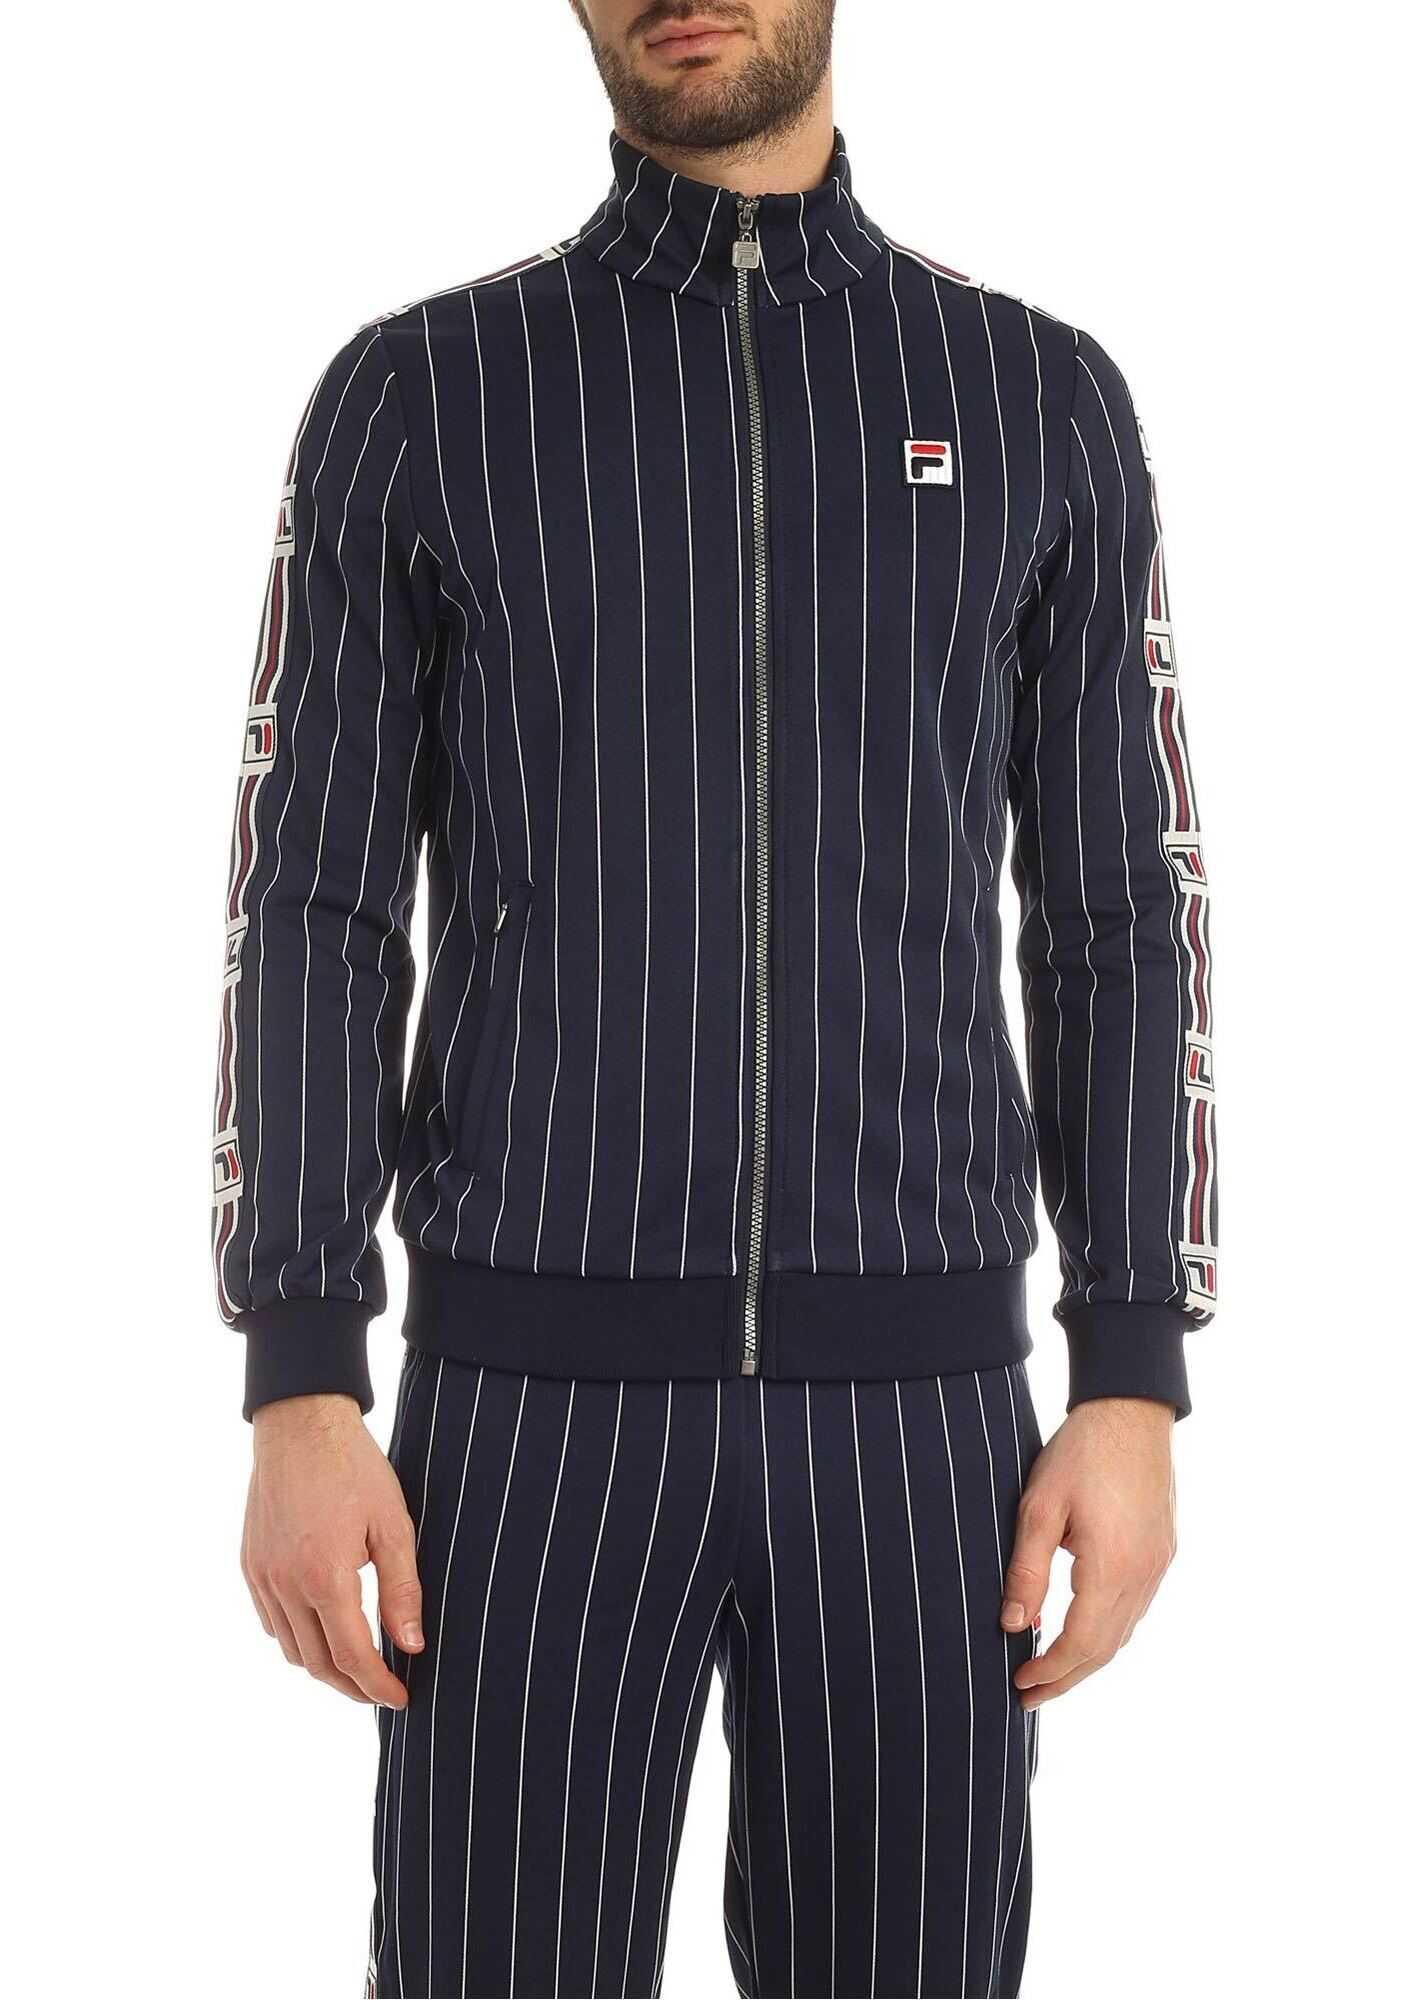 Fila Haben Striped Sweatshirt In Blue* Blue